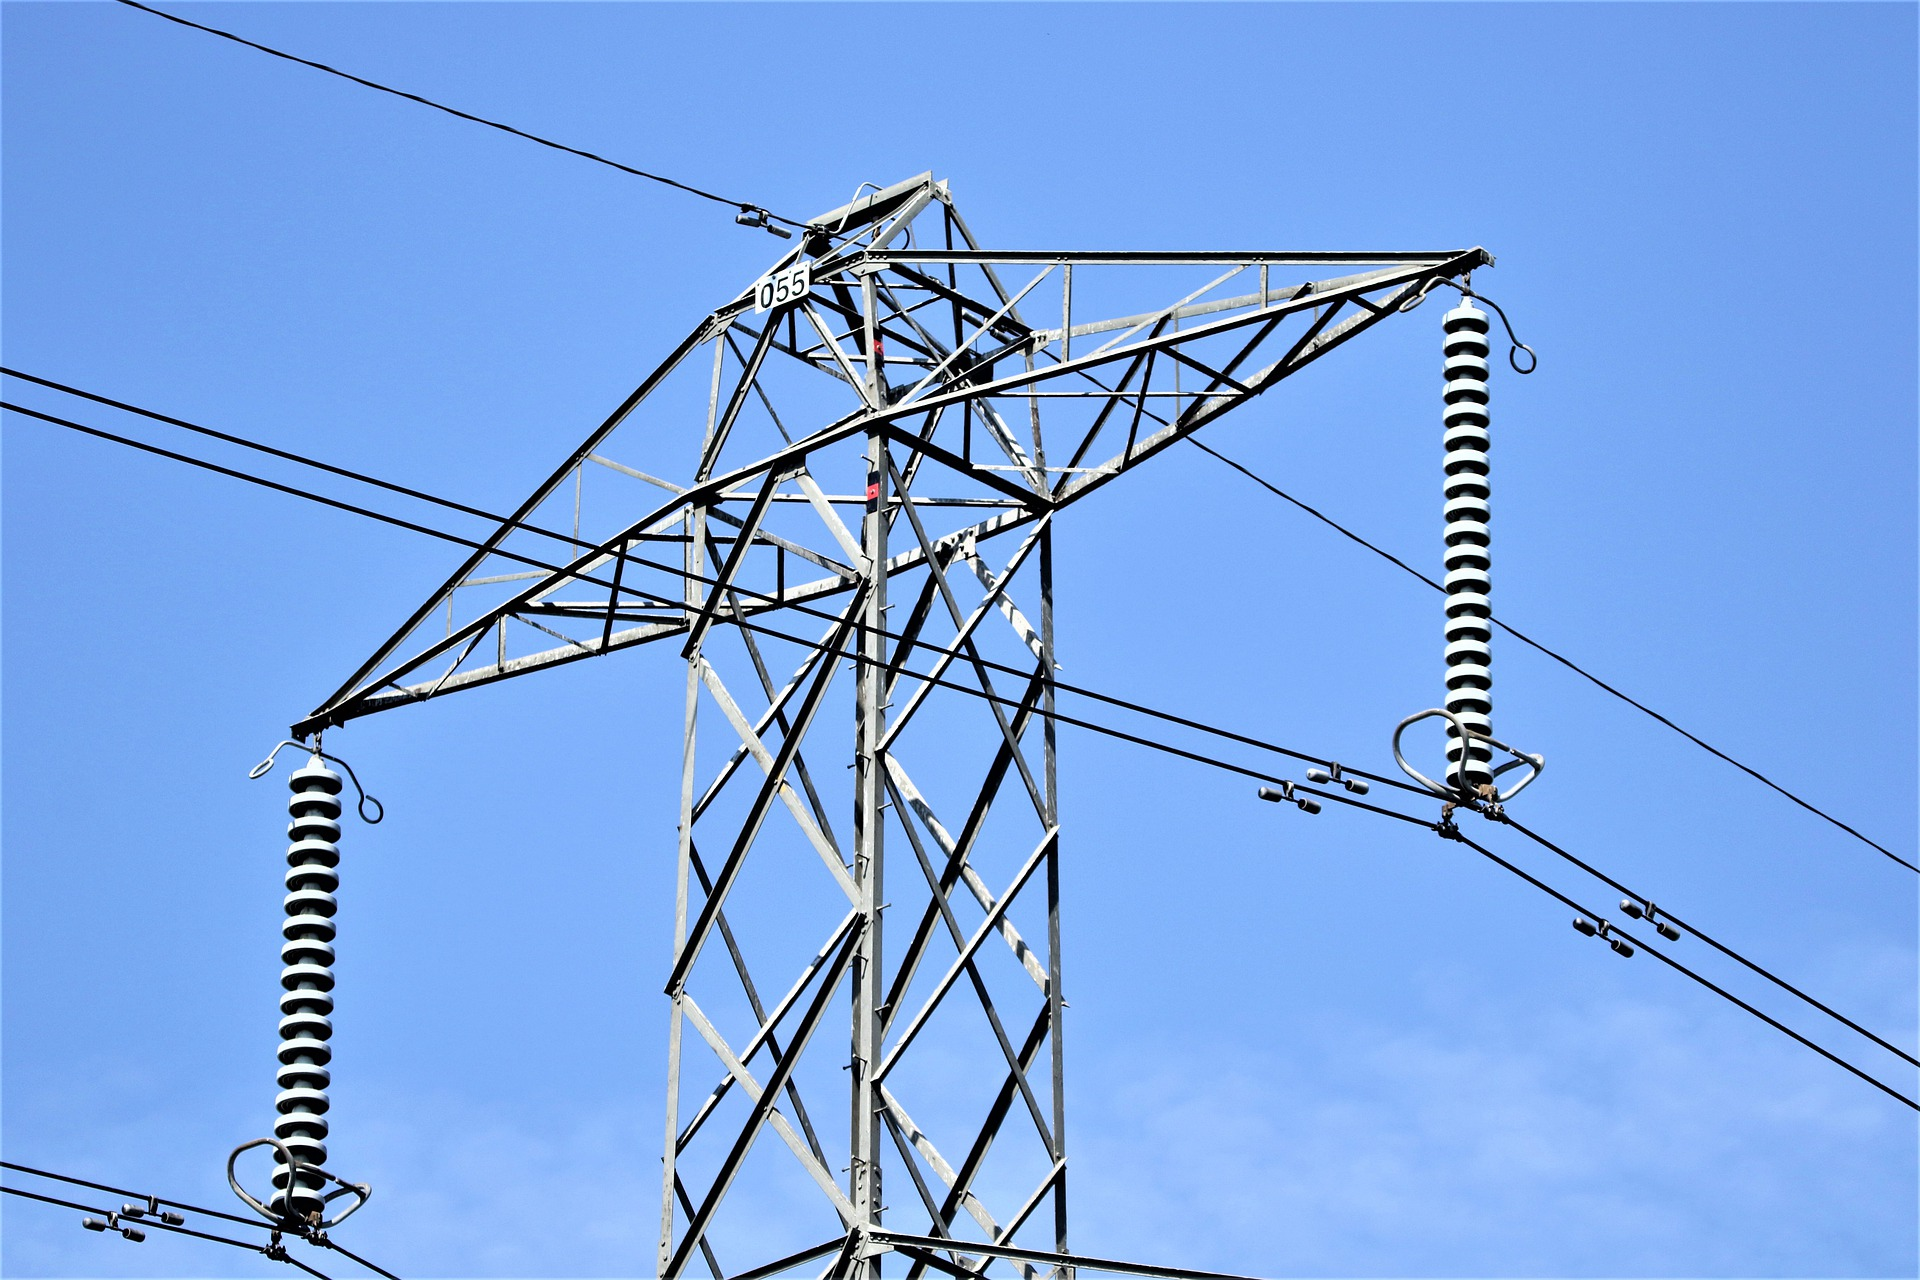 L'Ospedale cerca impresa per la fornitura di energia elettrica